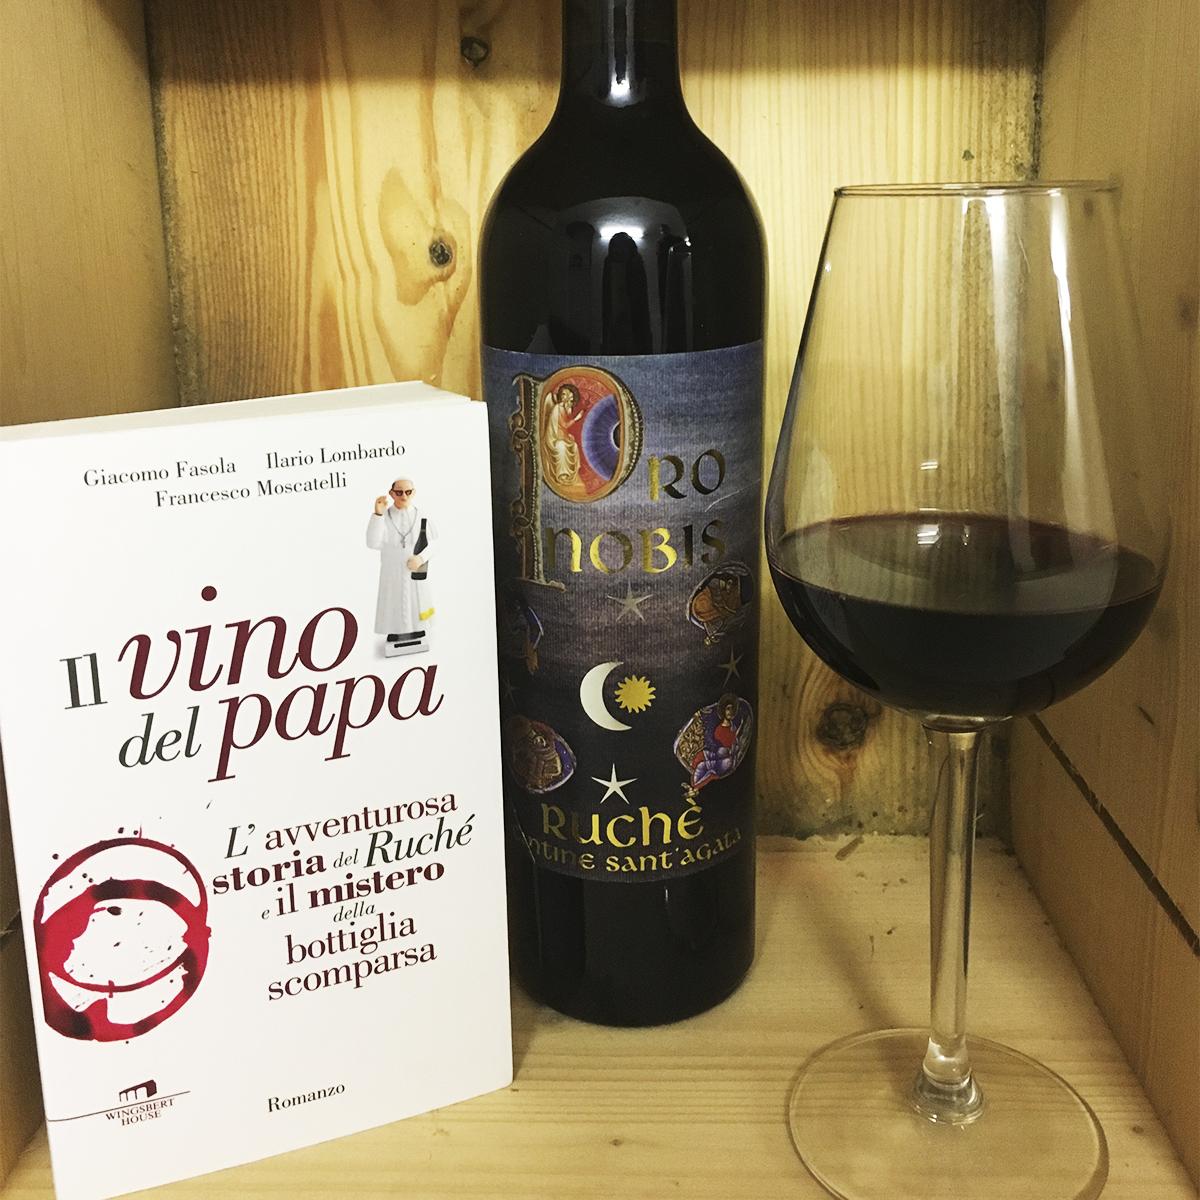 Rouchè – Il vino del papa